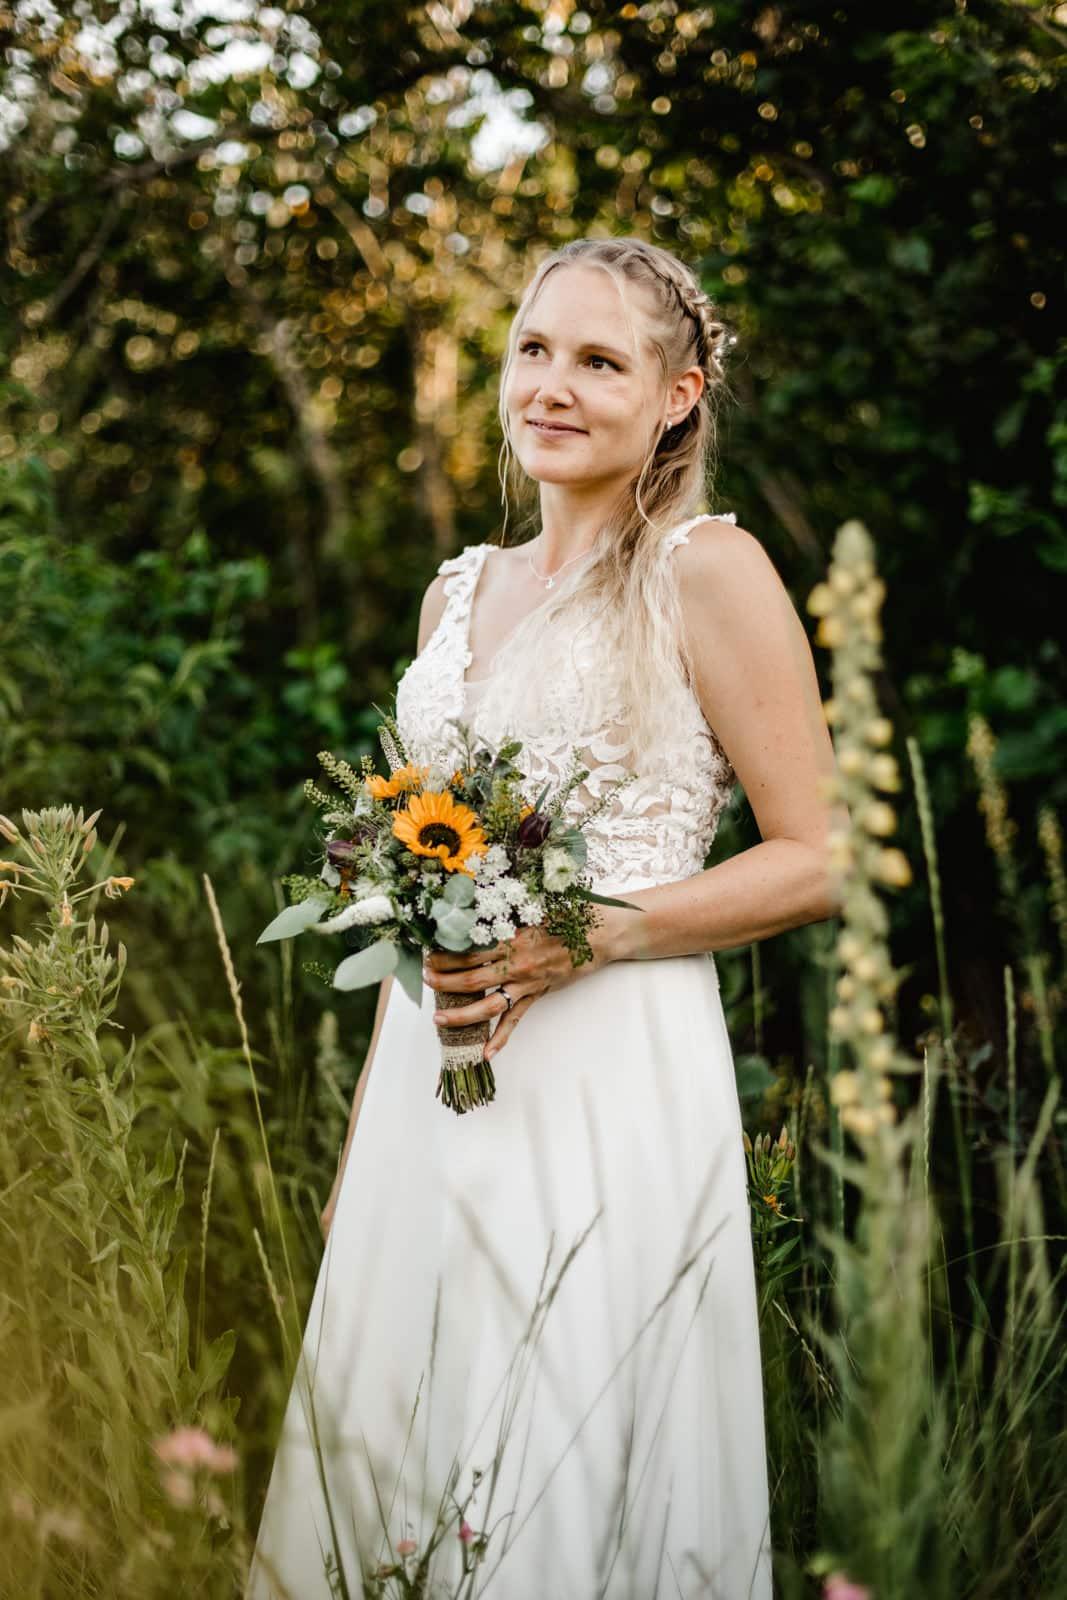 Braut steht in Wiese im grünen und hält Brautstrauss und lacht im Vintage Kleid